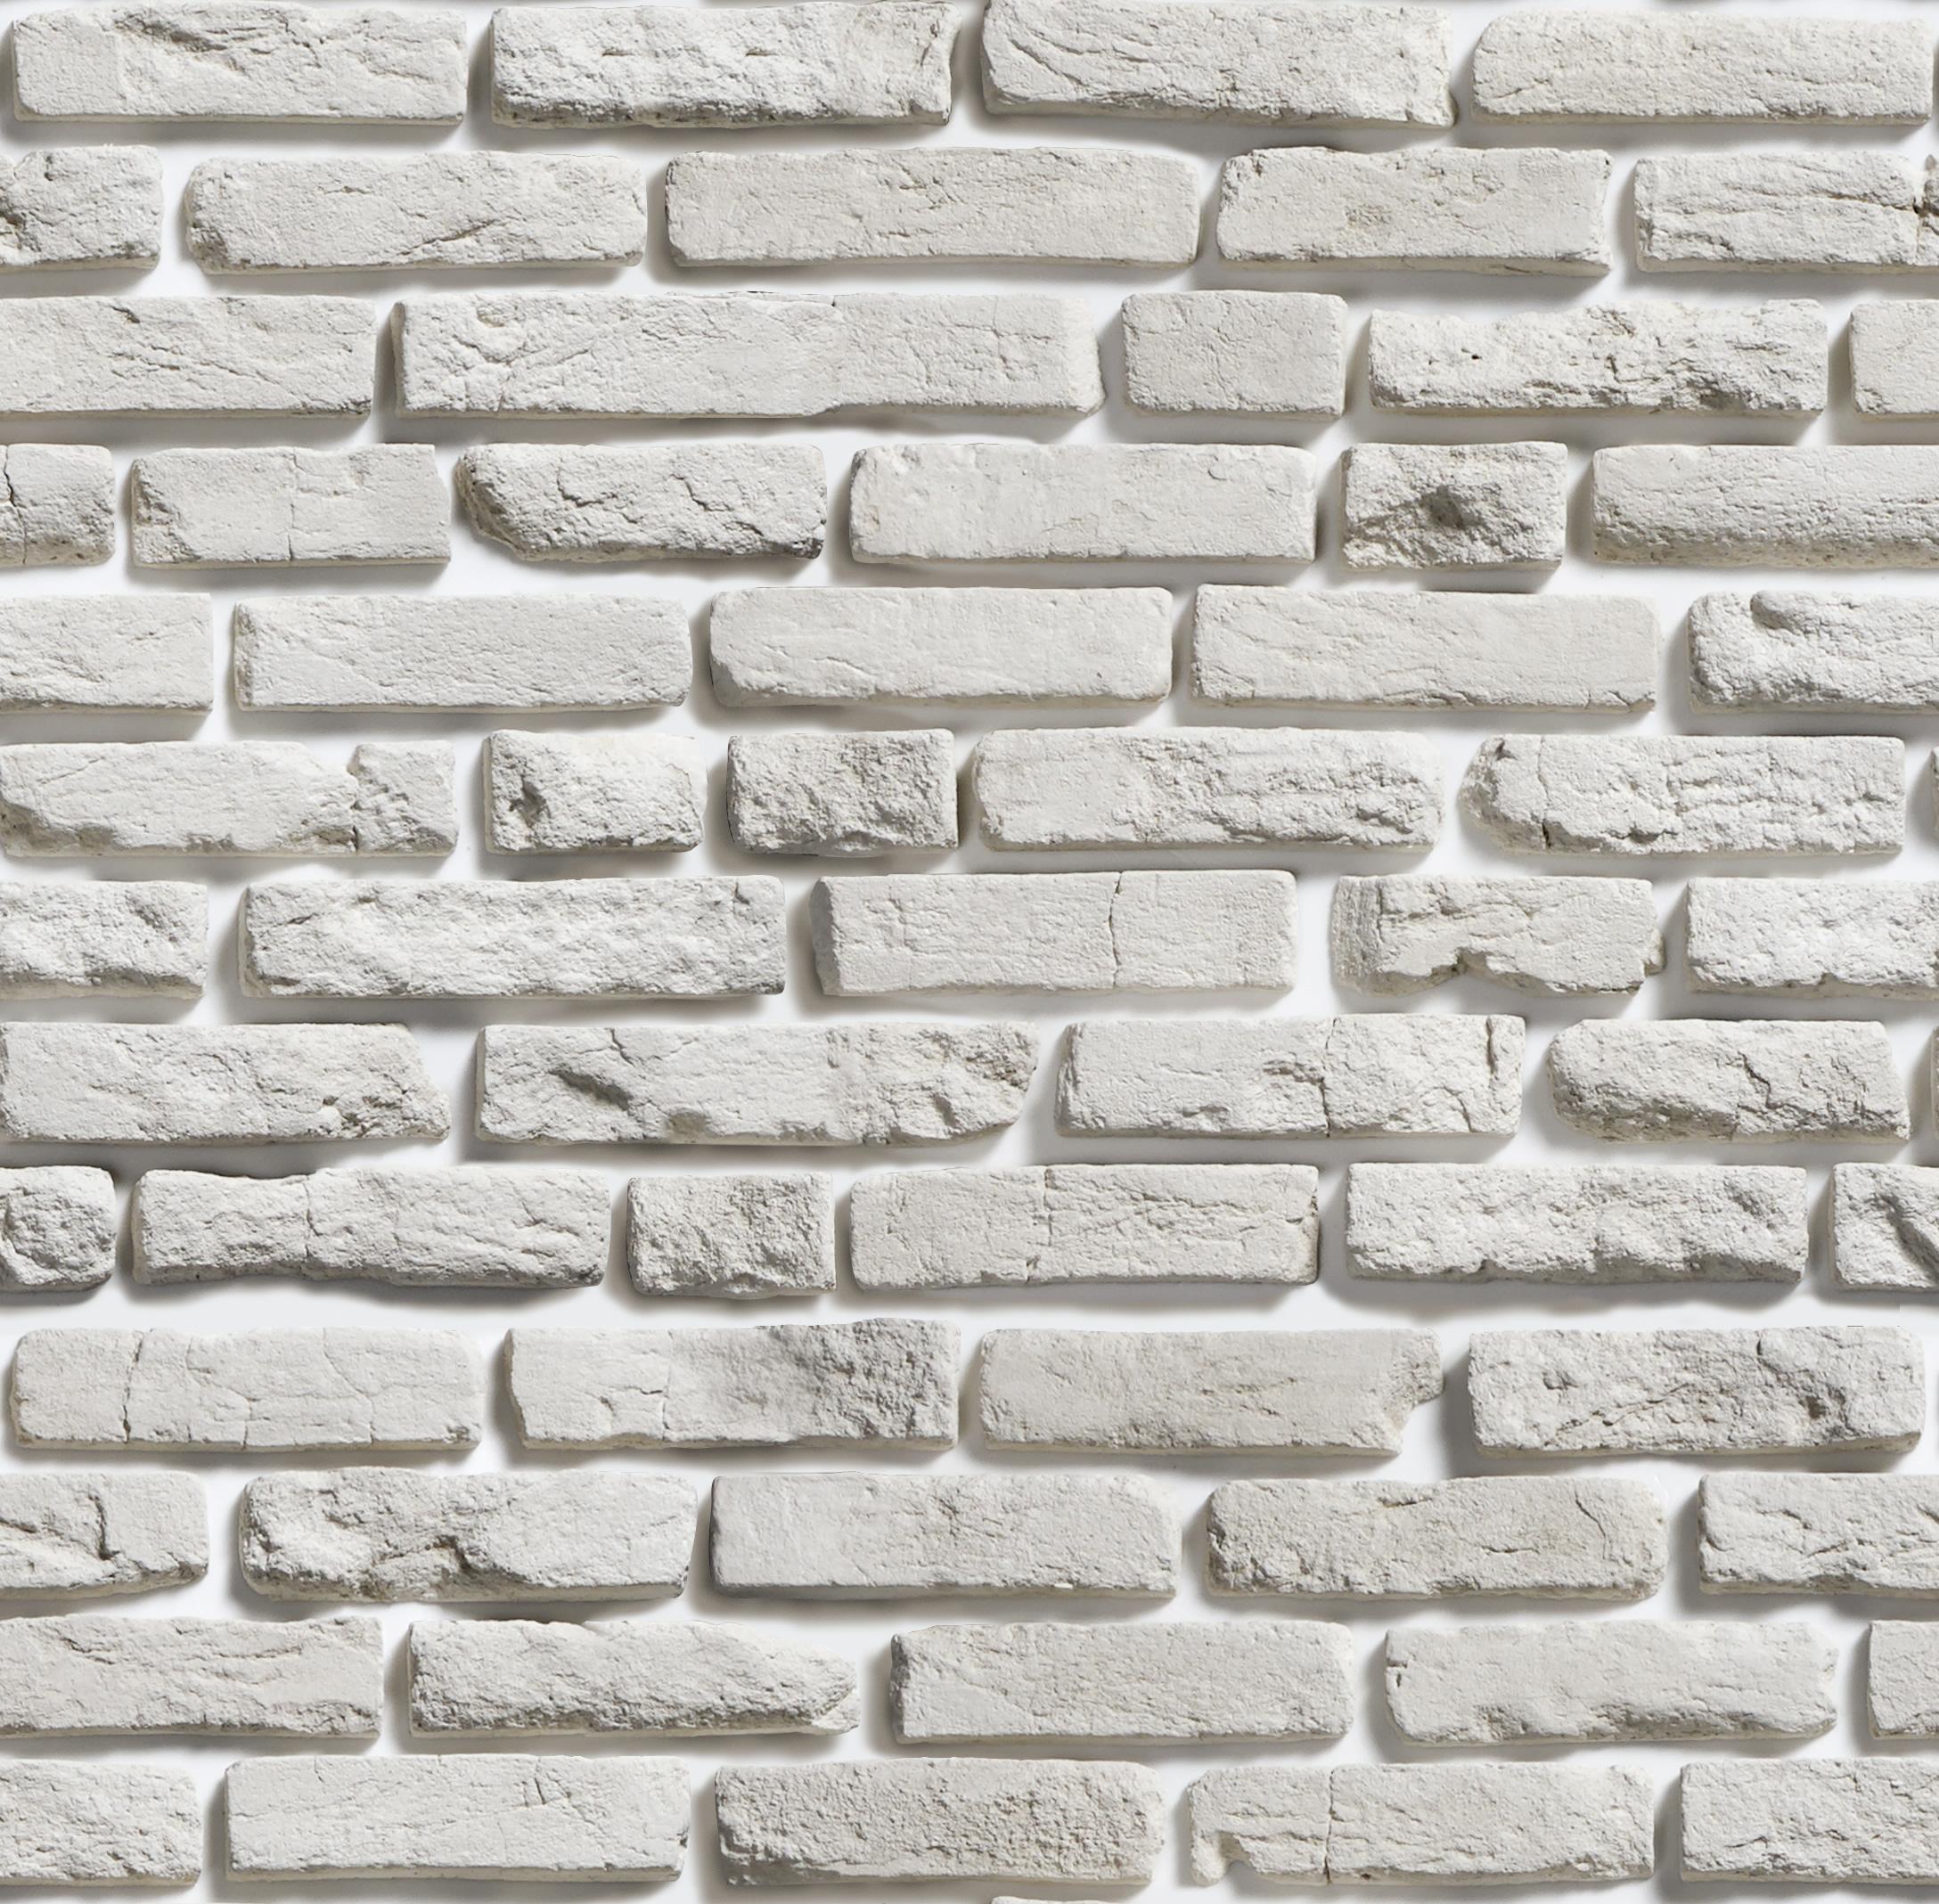 bricks, texture, download photo, background